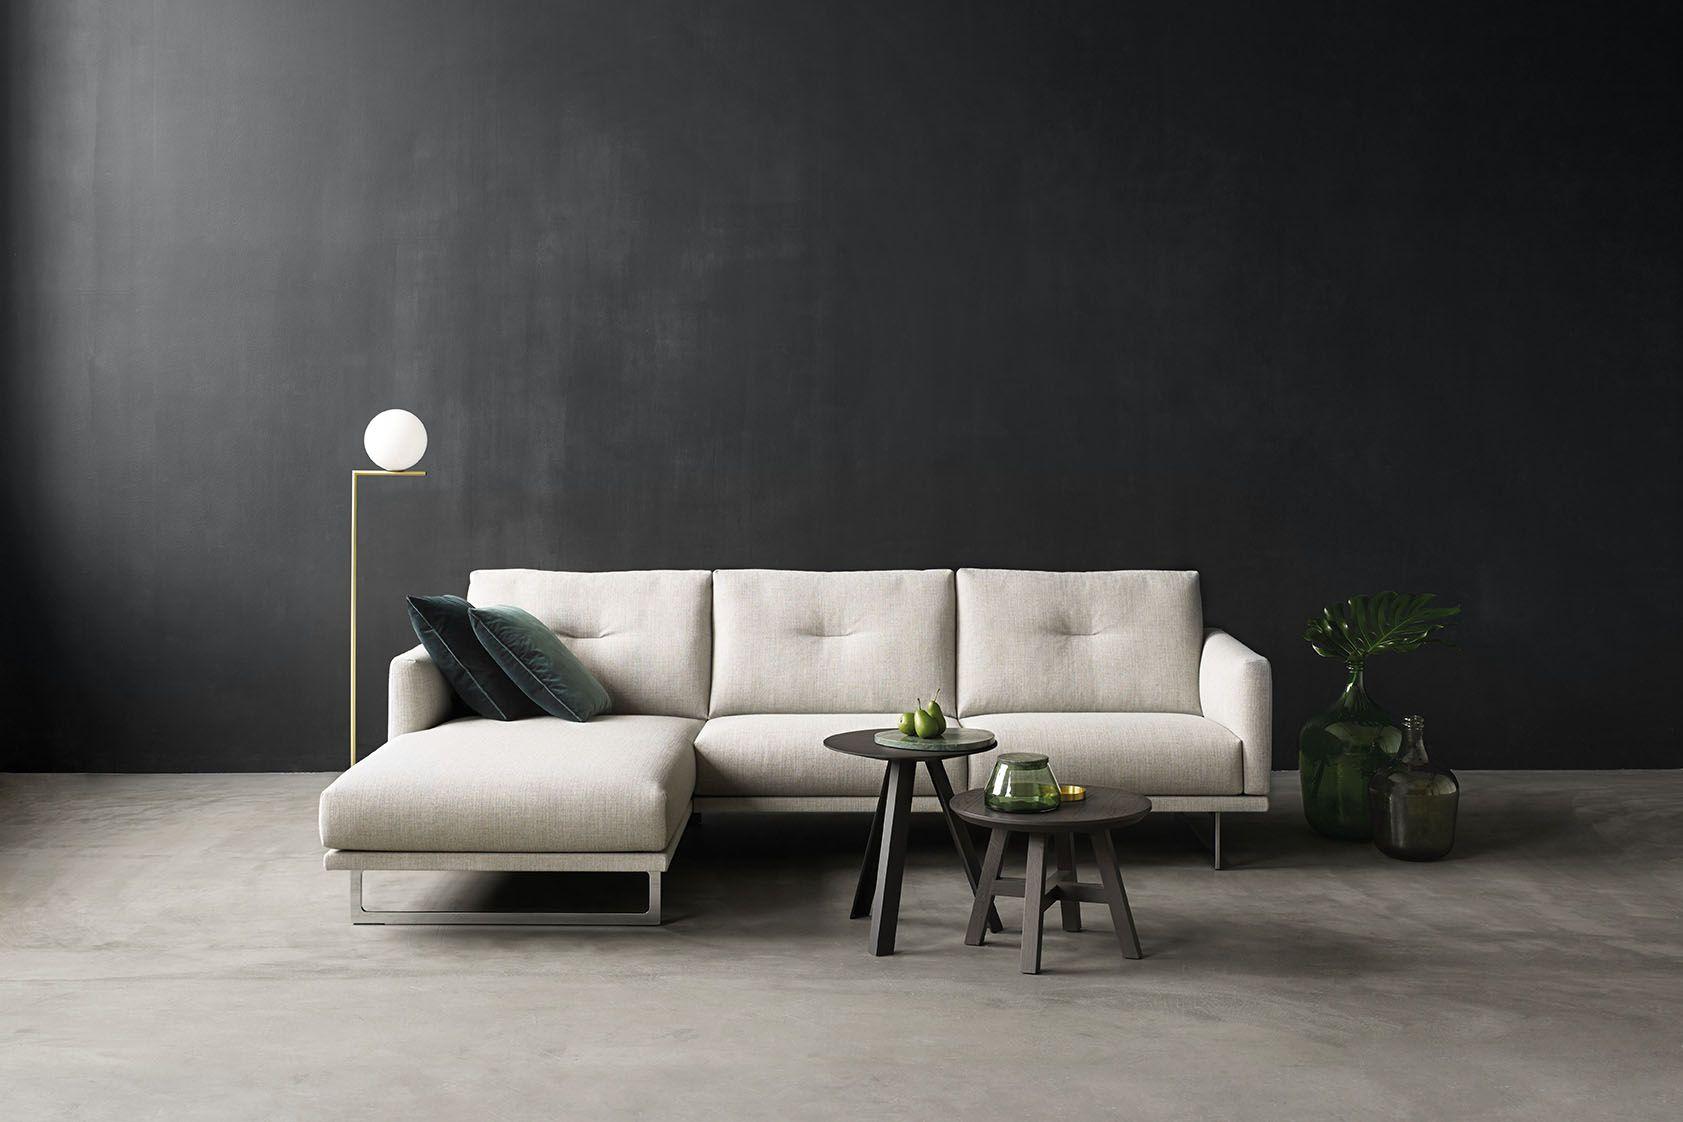 Gewaltig Sofa Kopfstütze Sammlung Von Dank Der Kompaktheit Und Der, Im Rückenunterbau,